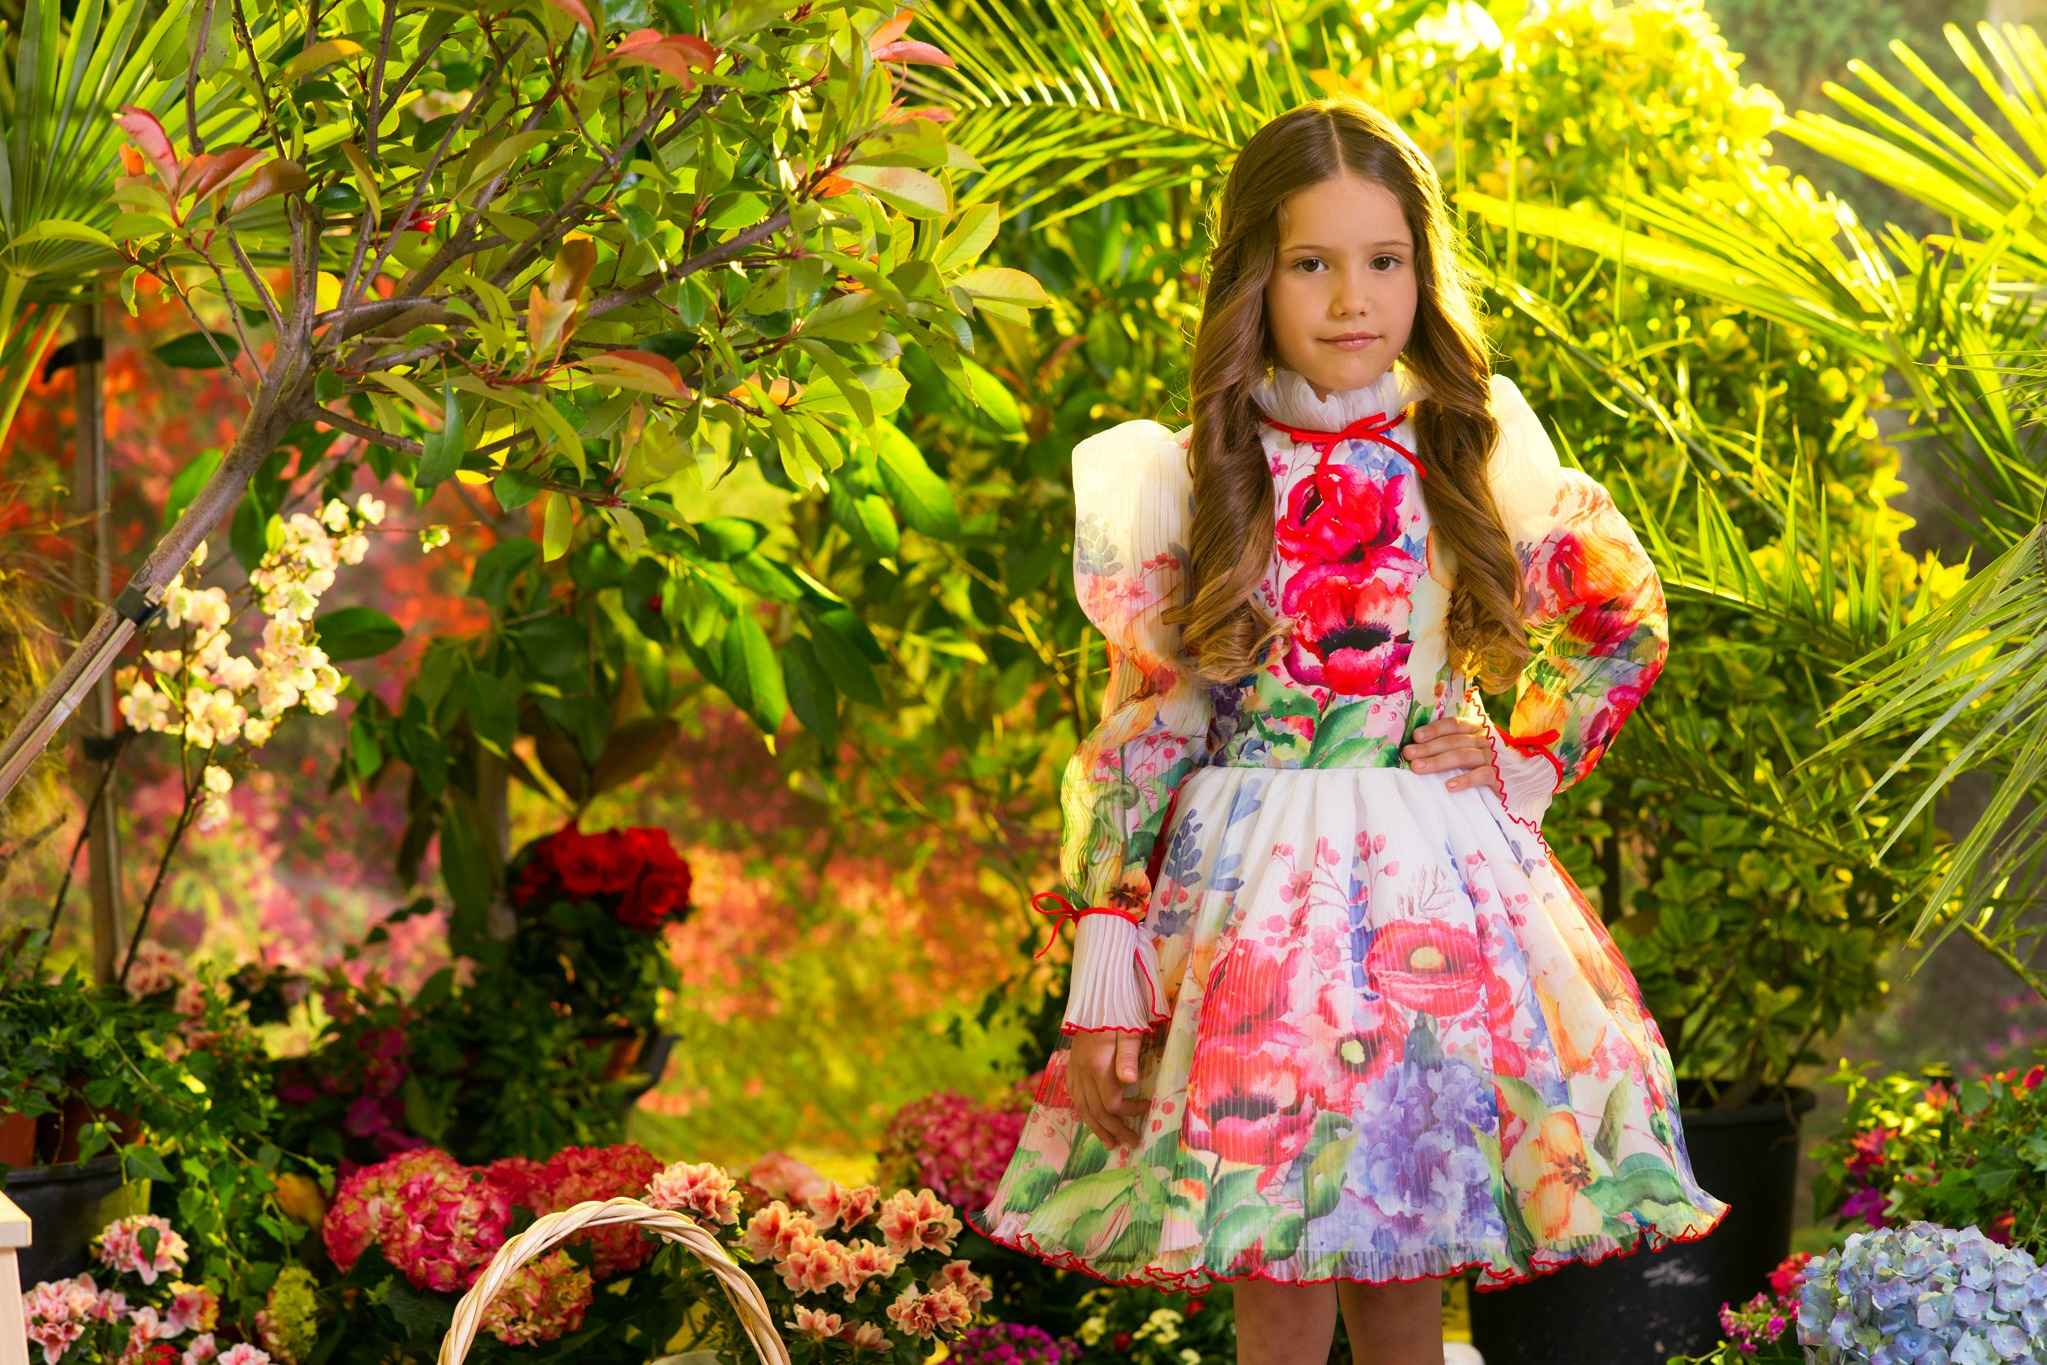 bloemenjurken-voor-meisjes-GoodGirlsCmpany-bloemetjesjurken-voor-meisjes